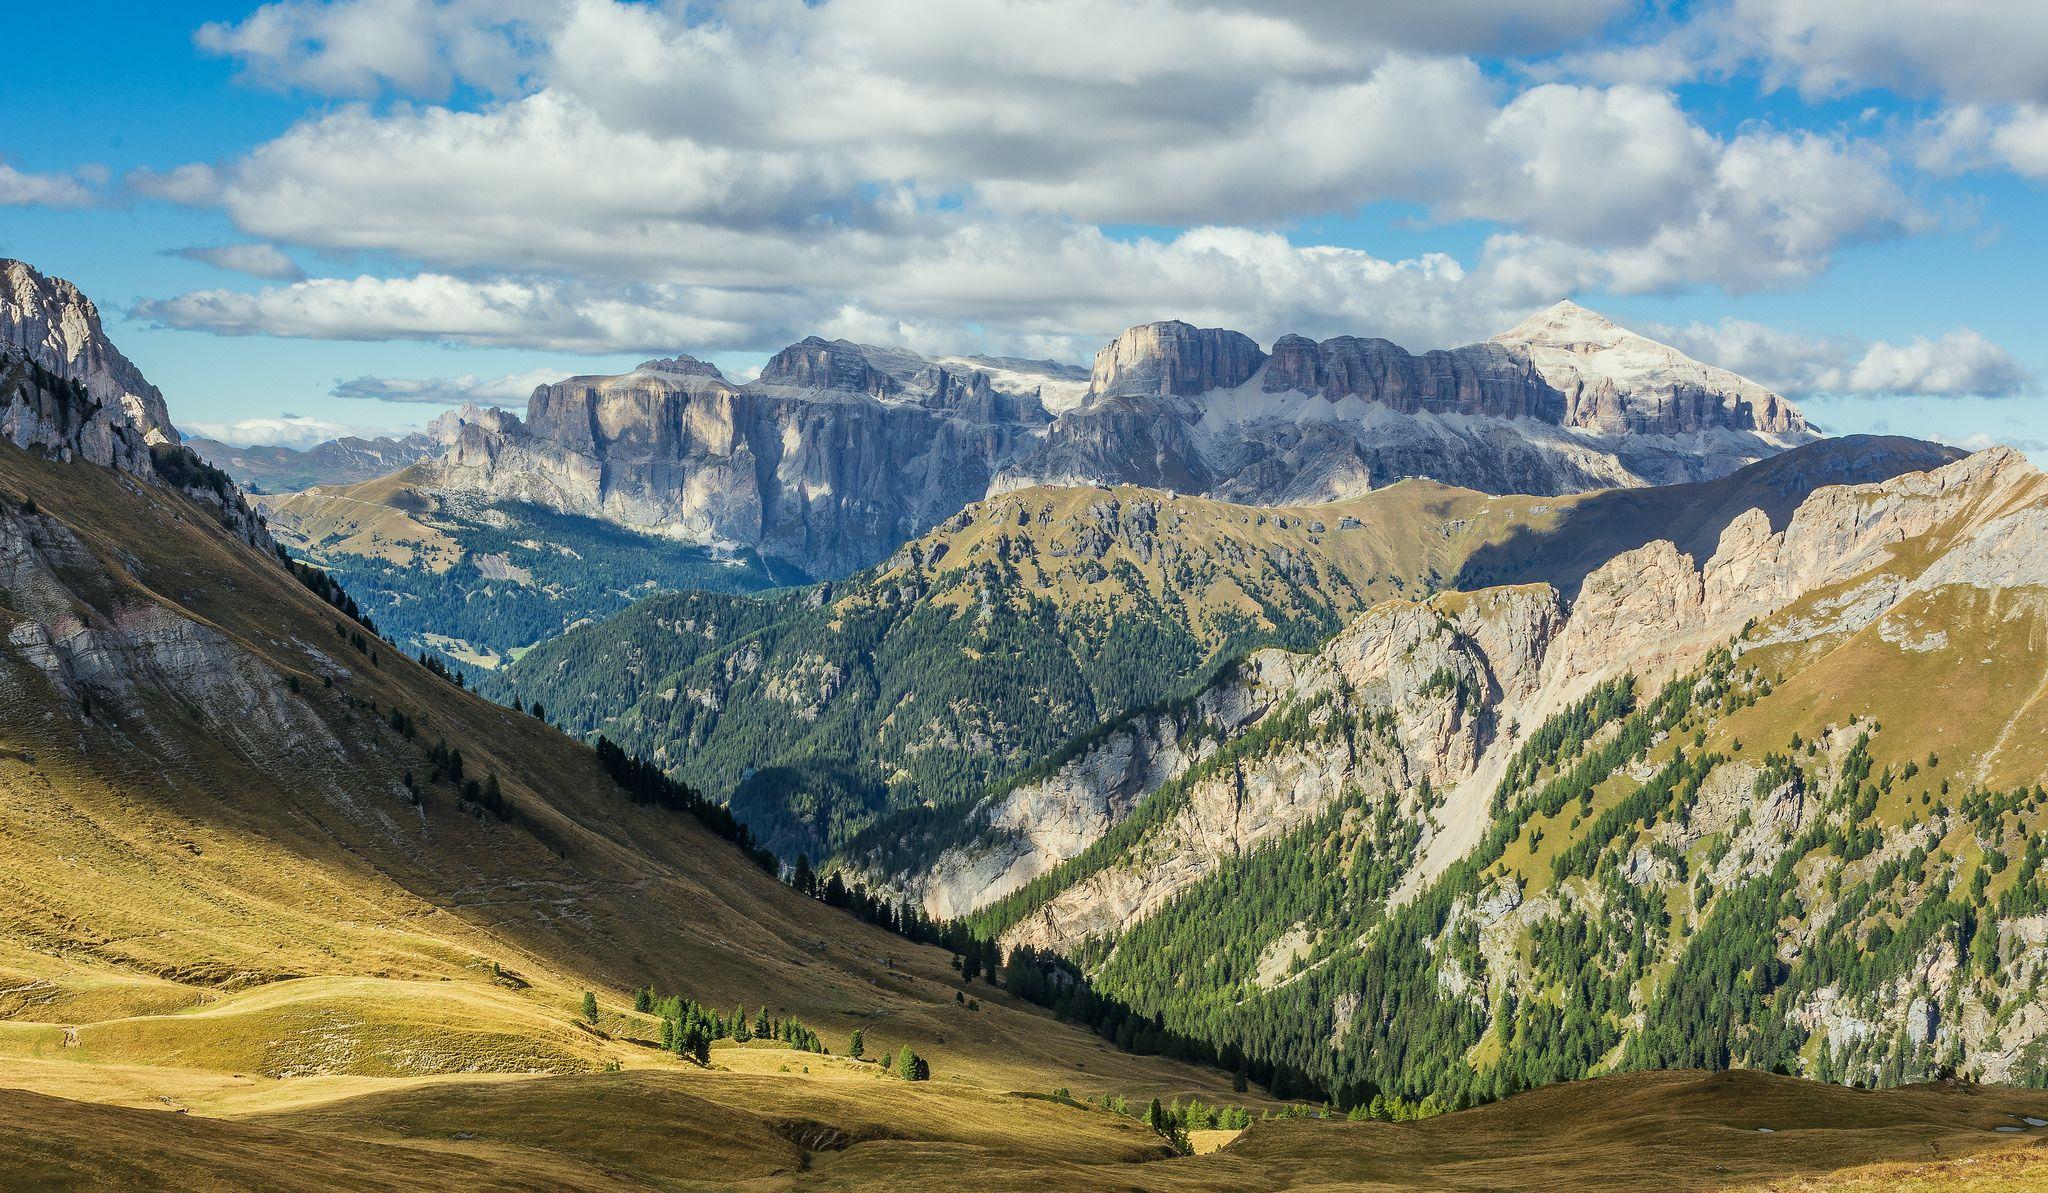 https://flic.kr/p/yA1c6C   Vista sulle Dolomiti   Dal Rifugio Passo San Nicolò, Val Contrin - Dolomiti Trentine - E' stata dura ma ne è valsa la pena!!!!